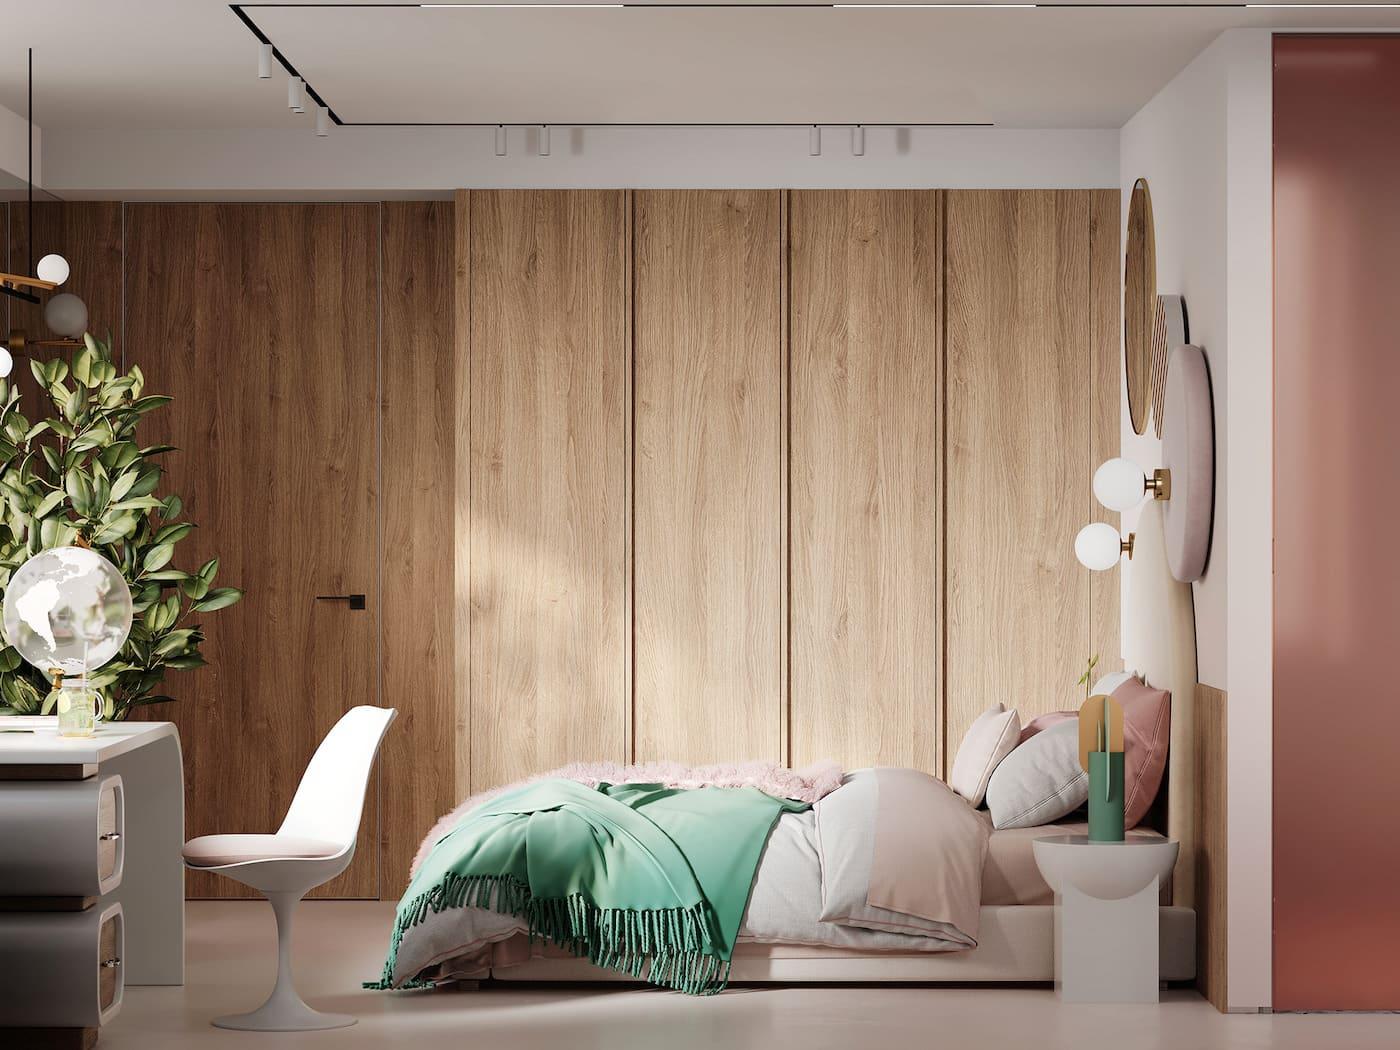 design d'intérieur d'un appartement à la mode photo 101